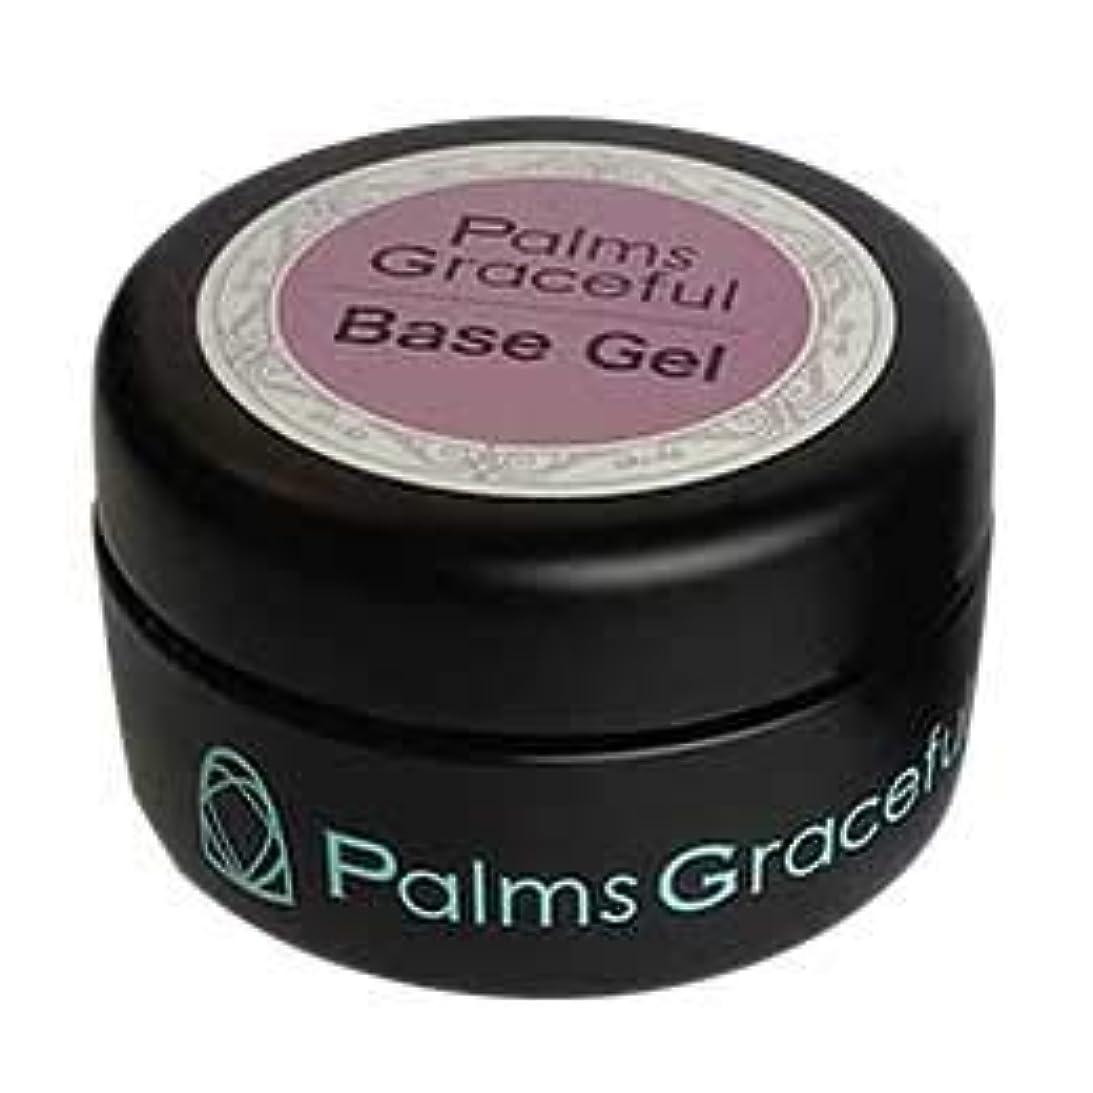 ペンマージン黒人Palms Graceful ベースジェル 25g